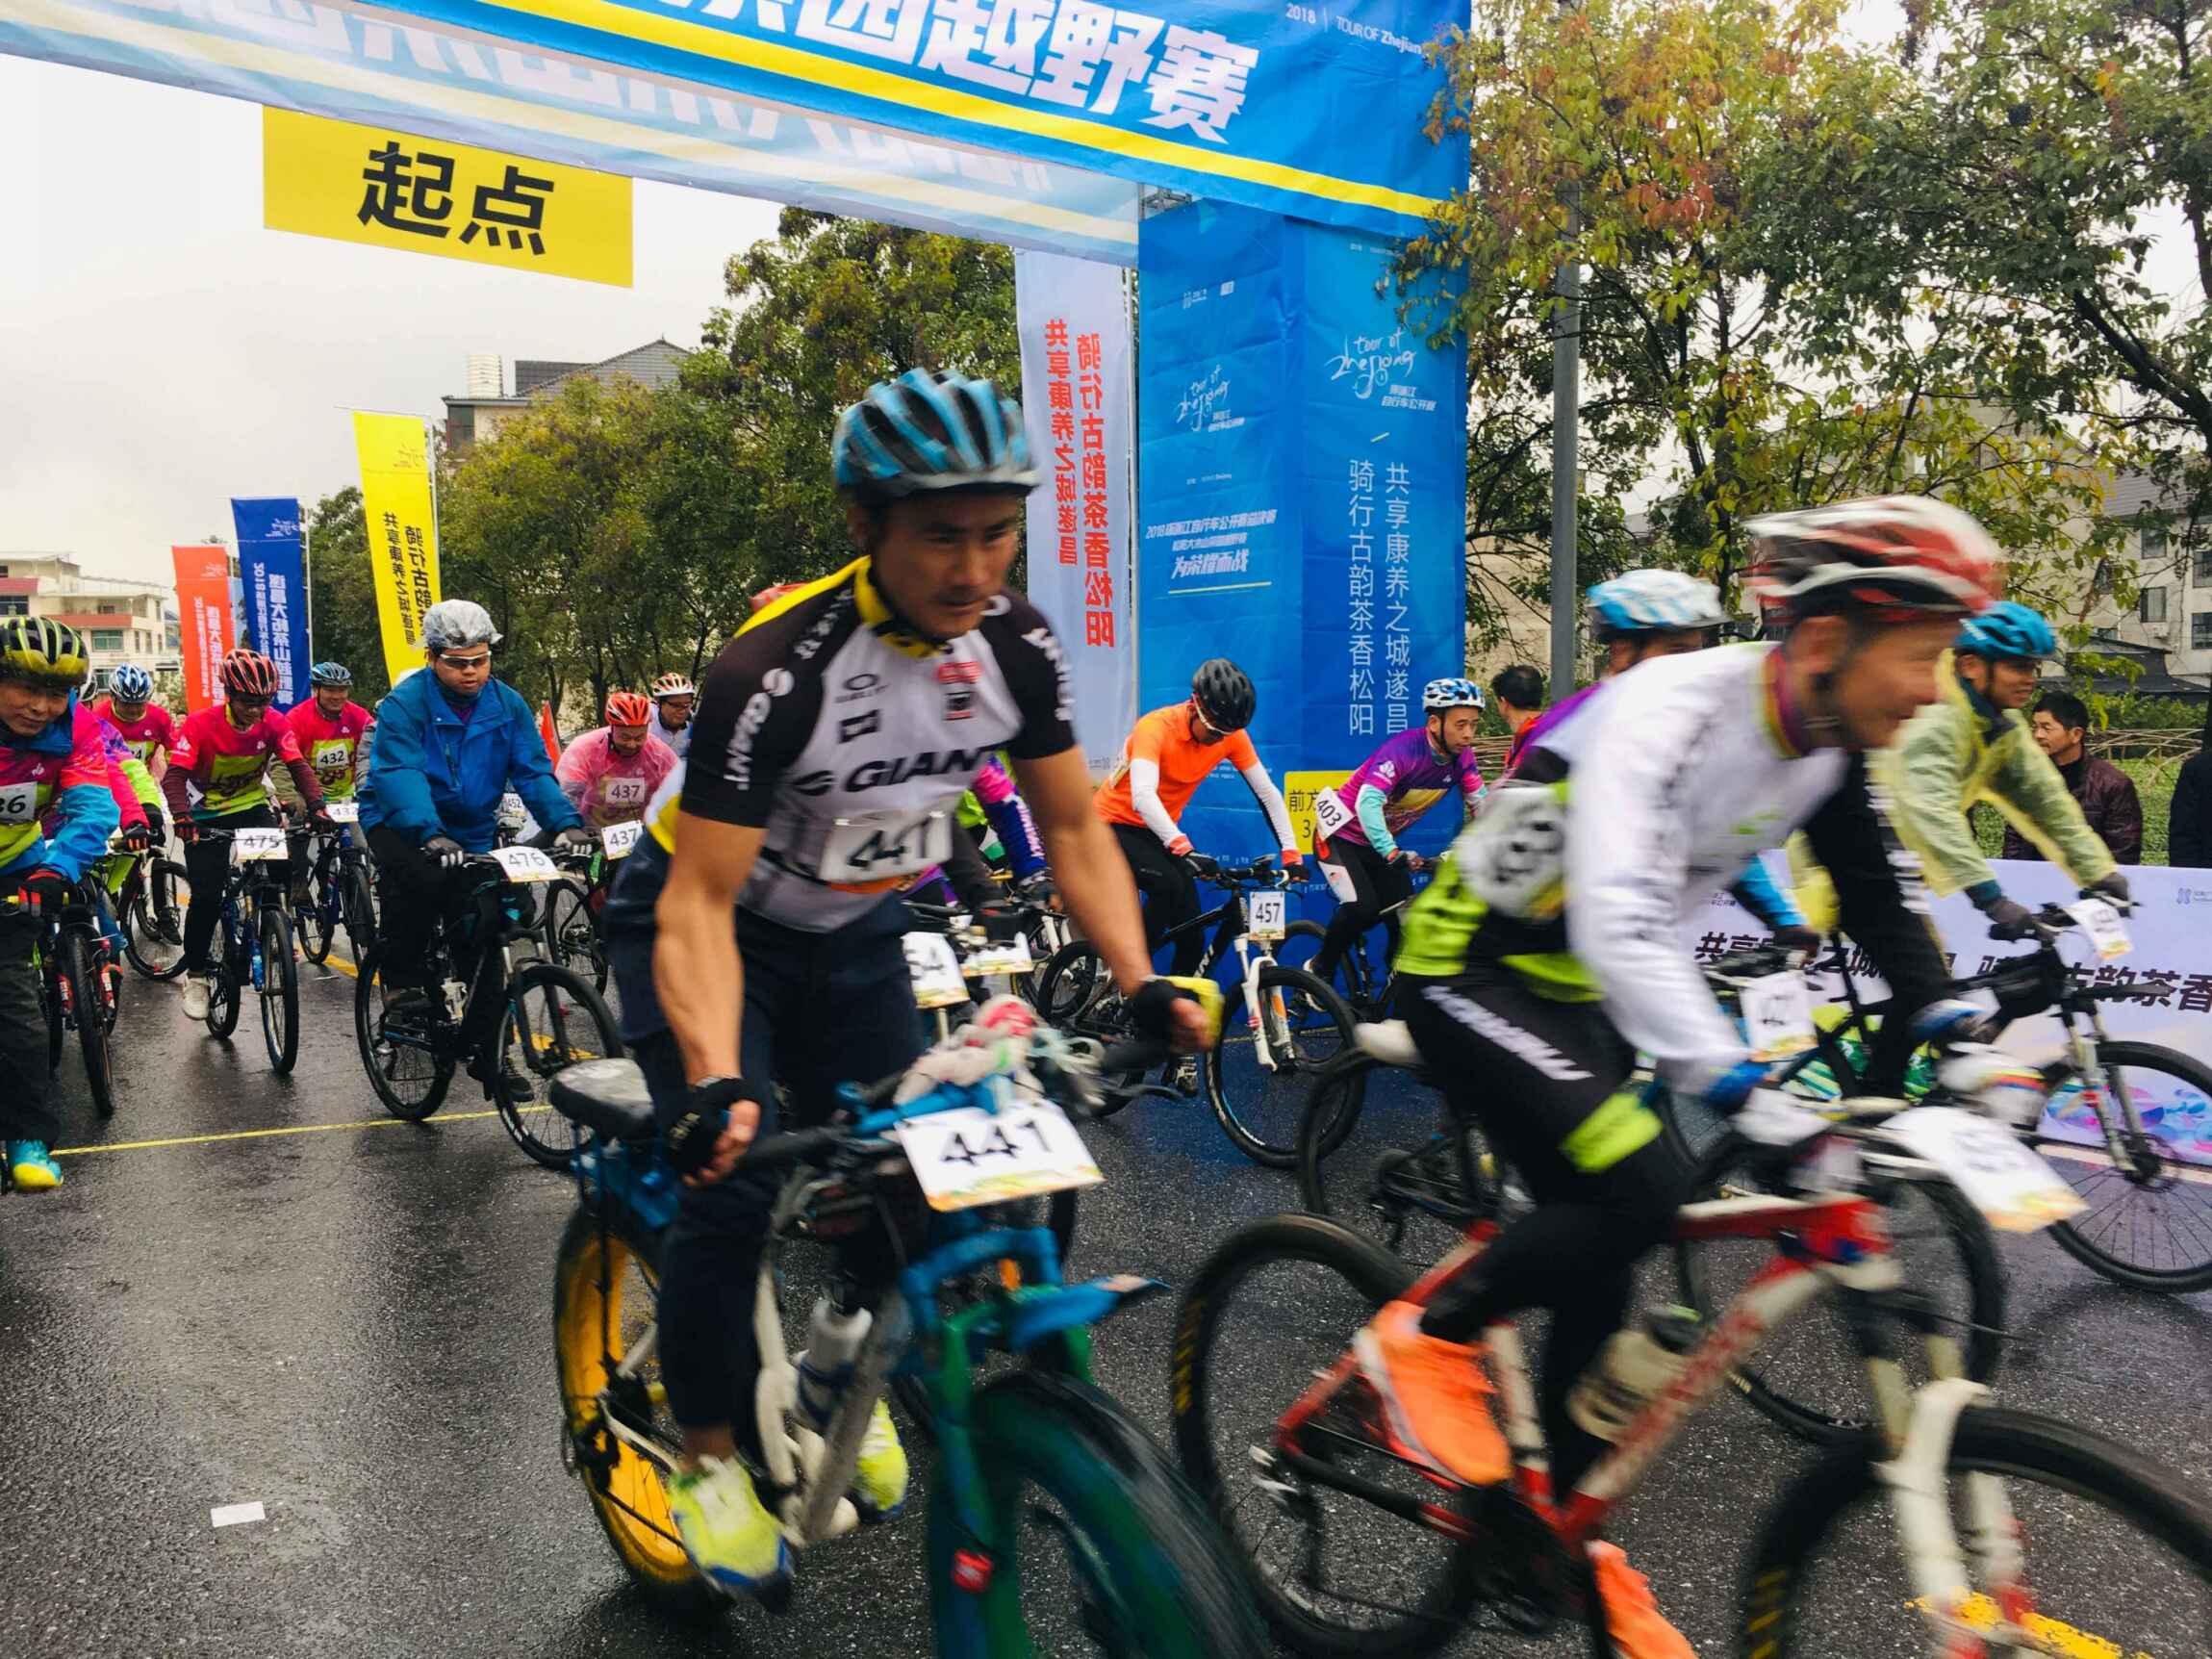 速度与激情 2018环浙江自行车公开赛总决赛在松阳开赛